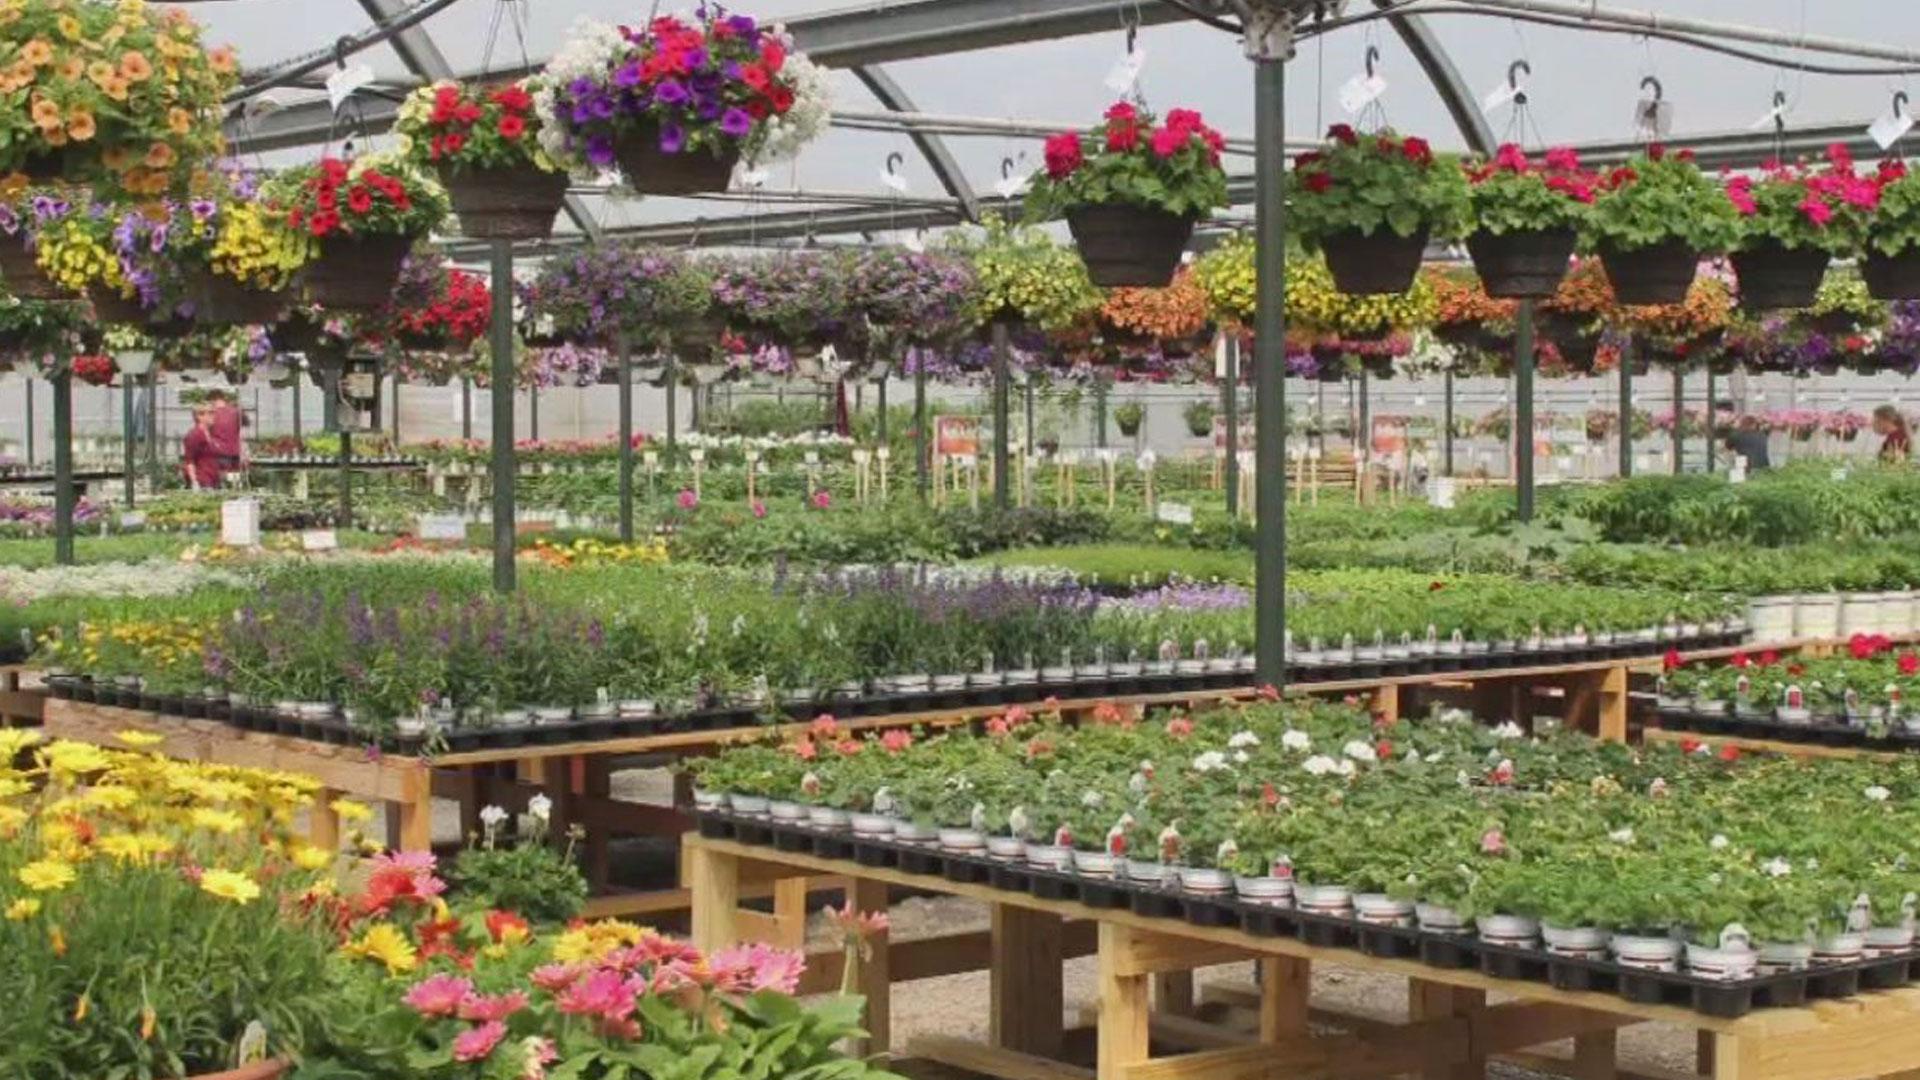 petite-garden-centers-ohio